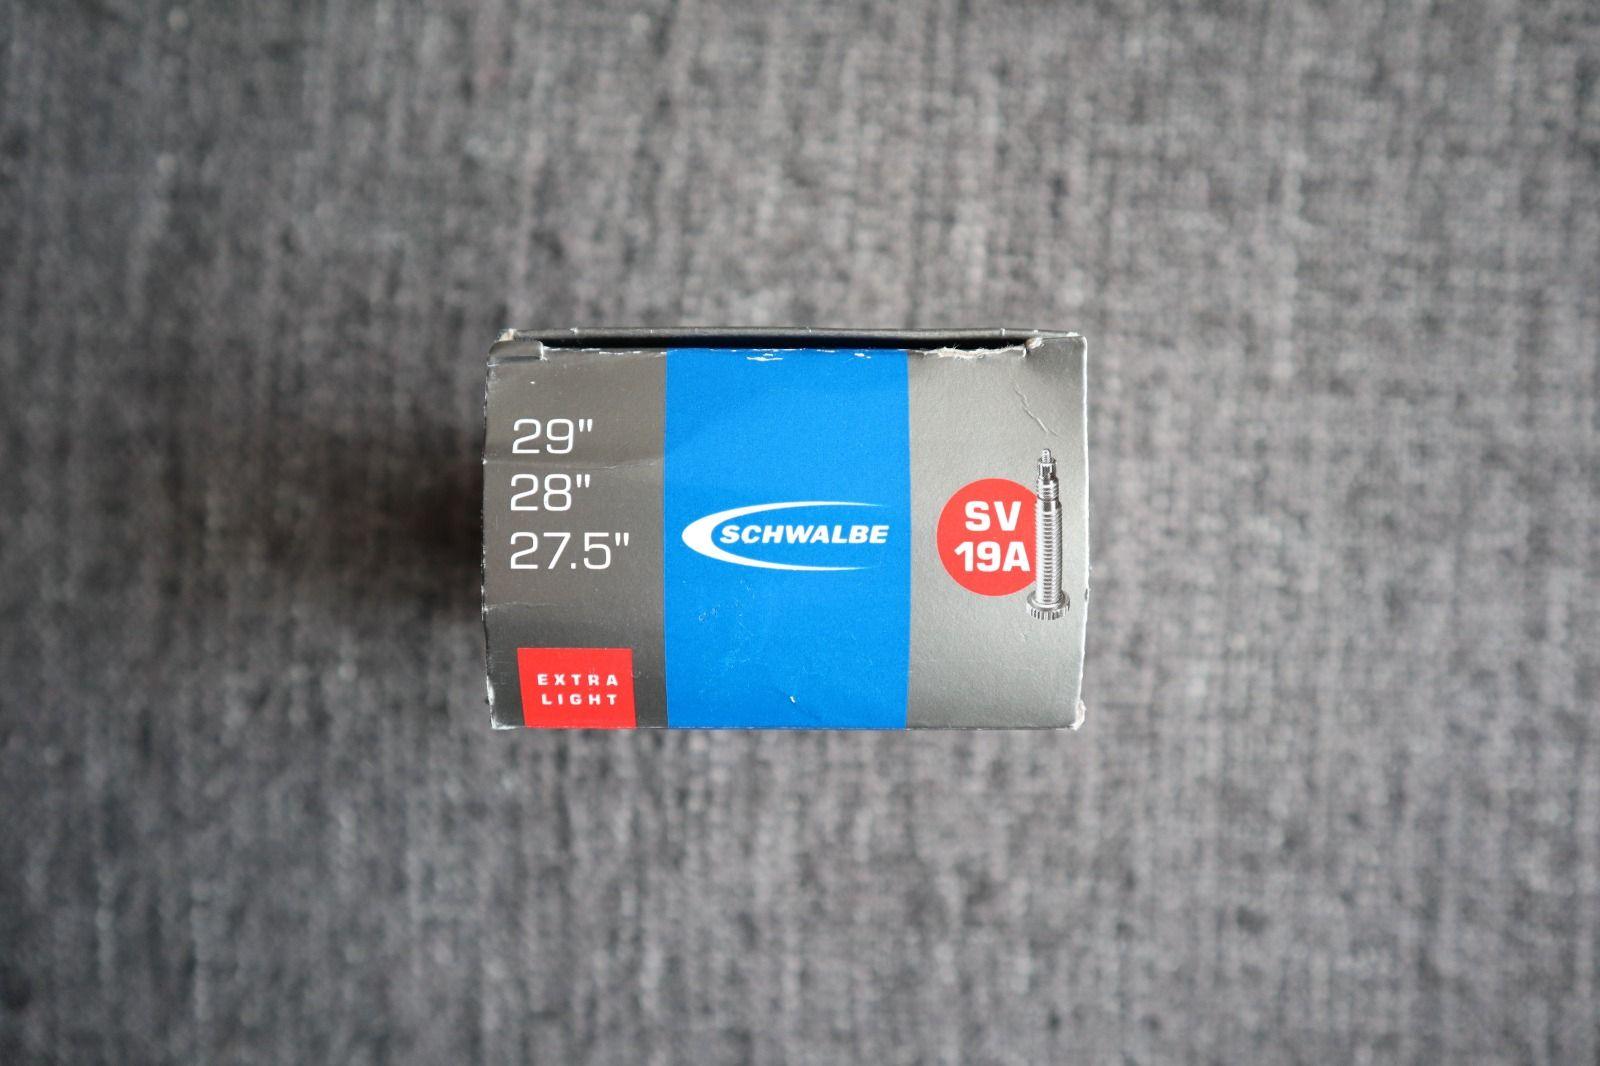 Камера Schwalbe SV 19A Extralight, Presta